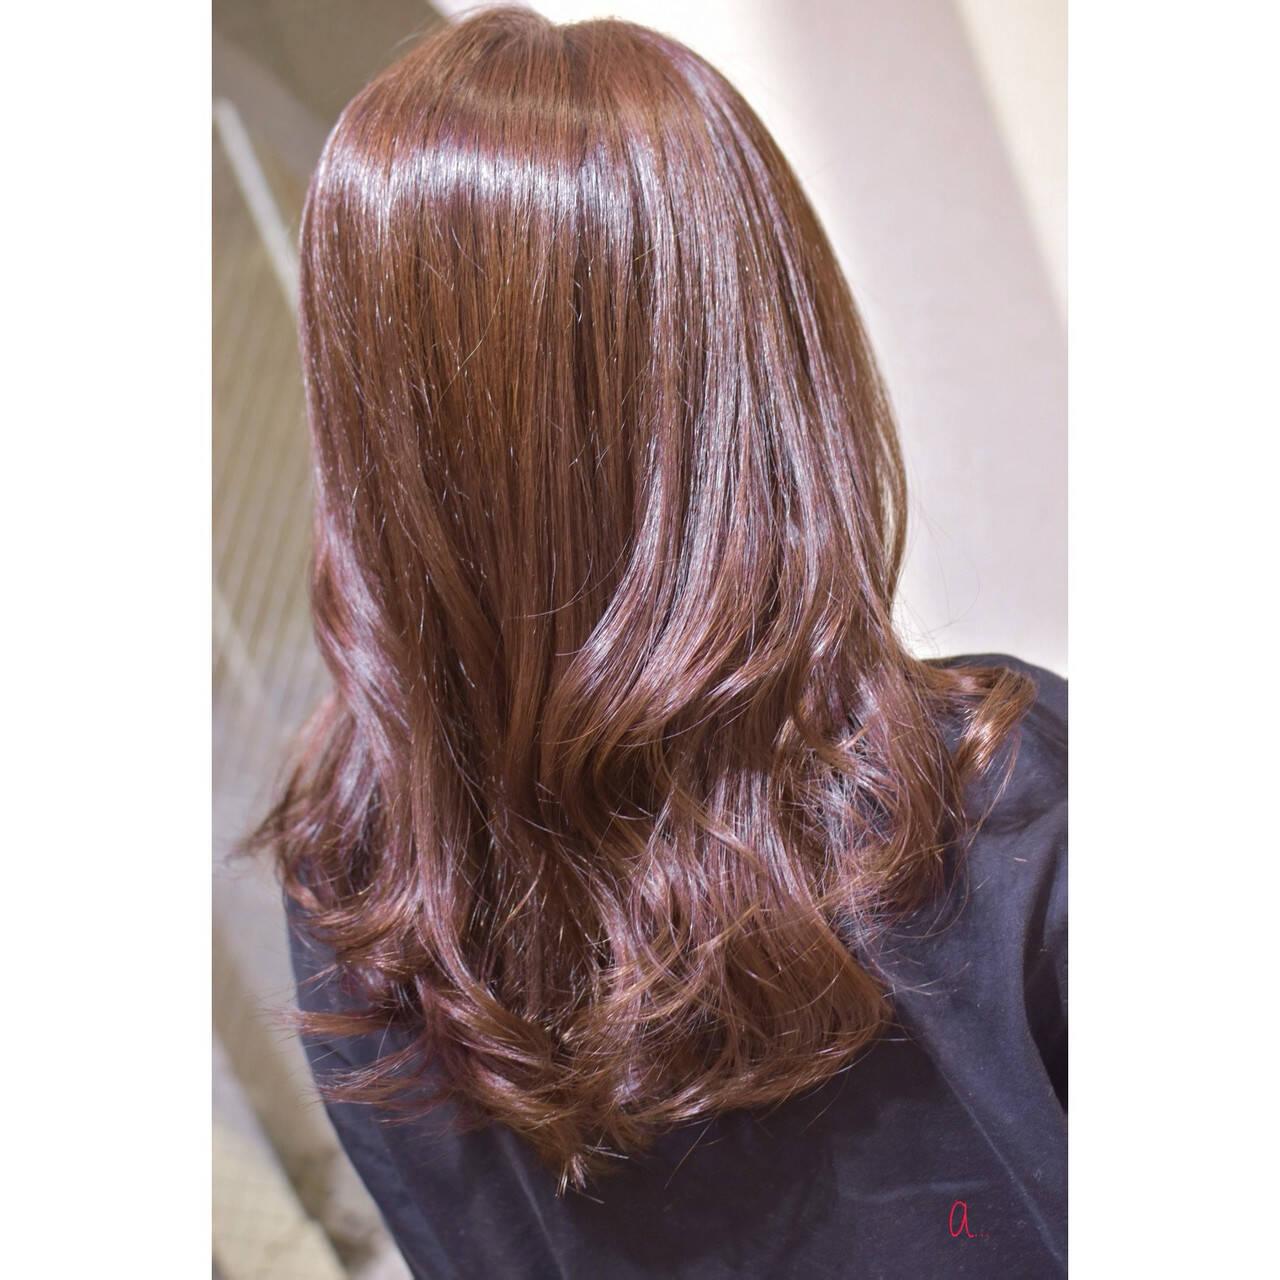 ロング コーラルピンク コーラル 韓国ヘアヘアスタイルや髪型の写真・画像